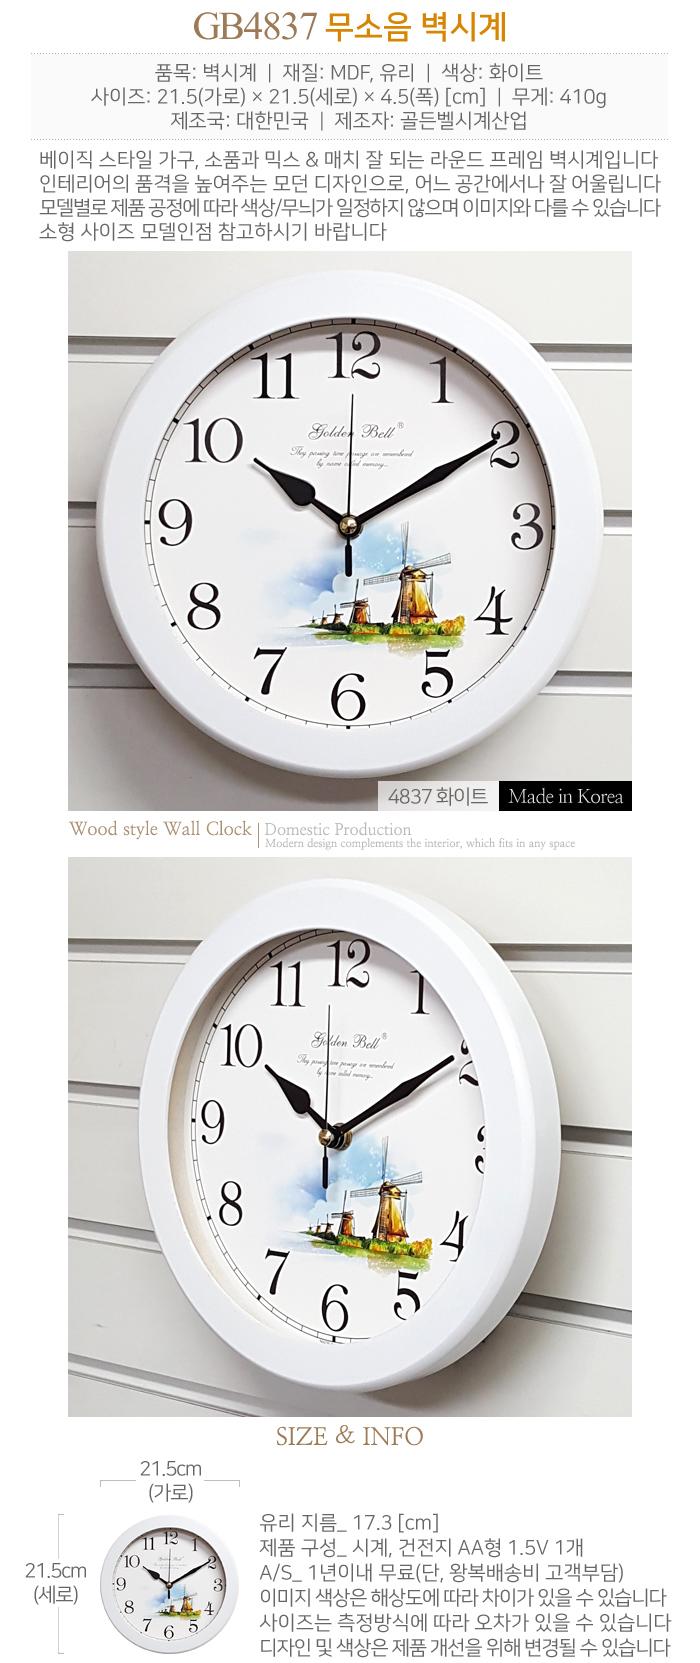 키즈 무소음 벽시계 21cm (8종) - 골든벨시계, 20,000원, 벽시계, 우드벽시계